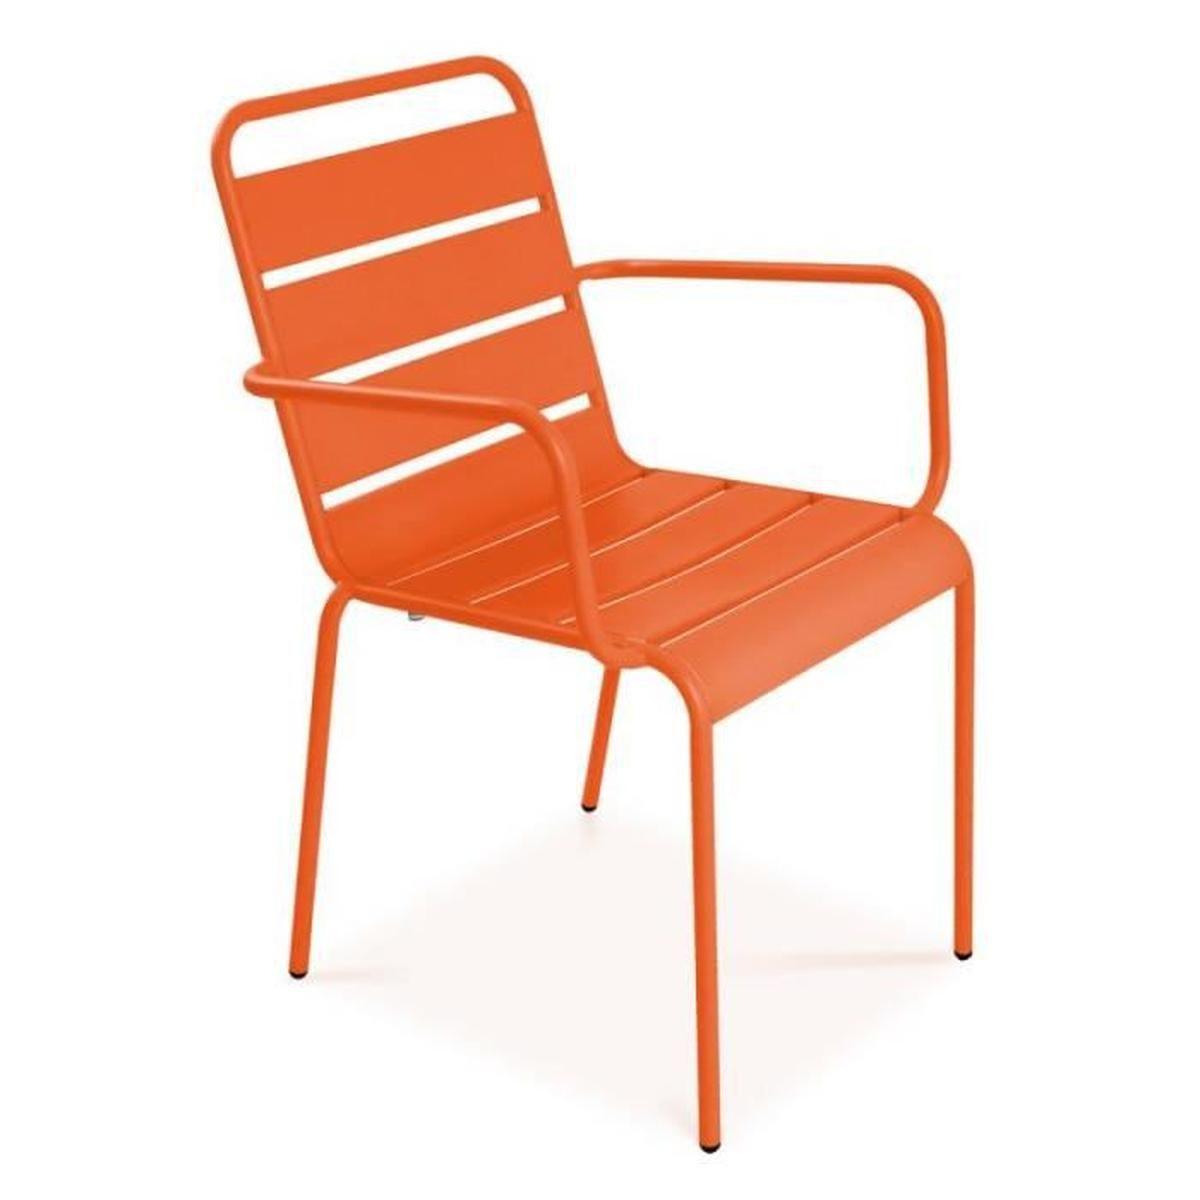 Chaise de jardin design Fauteuil extérieur en acier